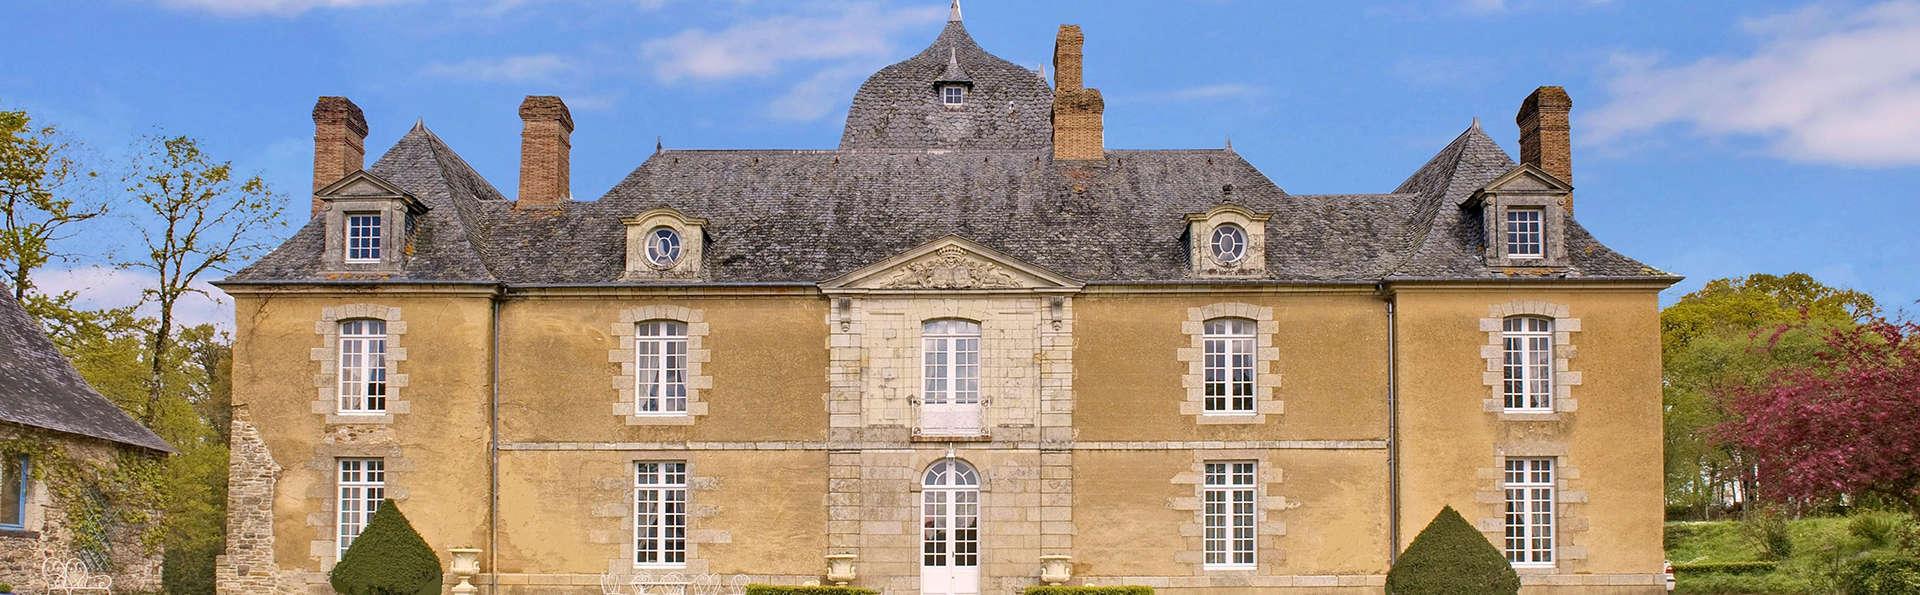 Le Château du Bois Glaume - Edit_Front.jpg